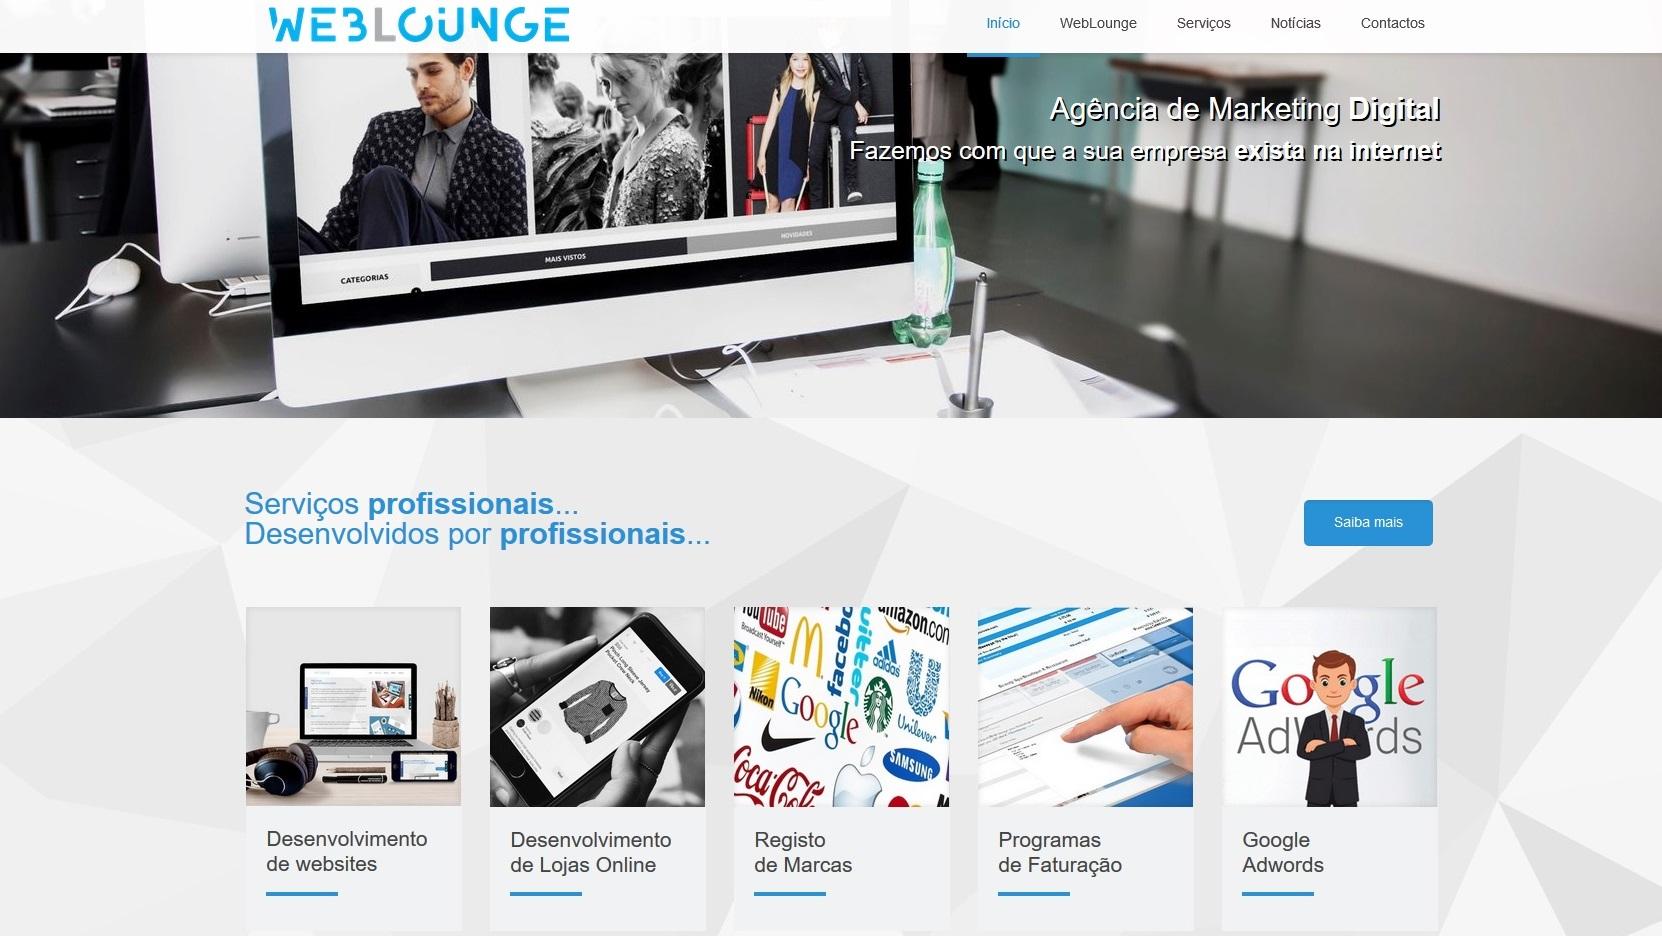 websites-4-ref